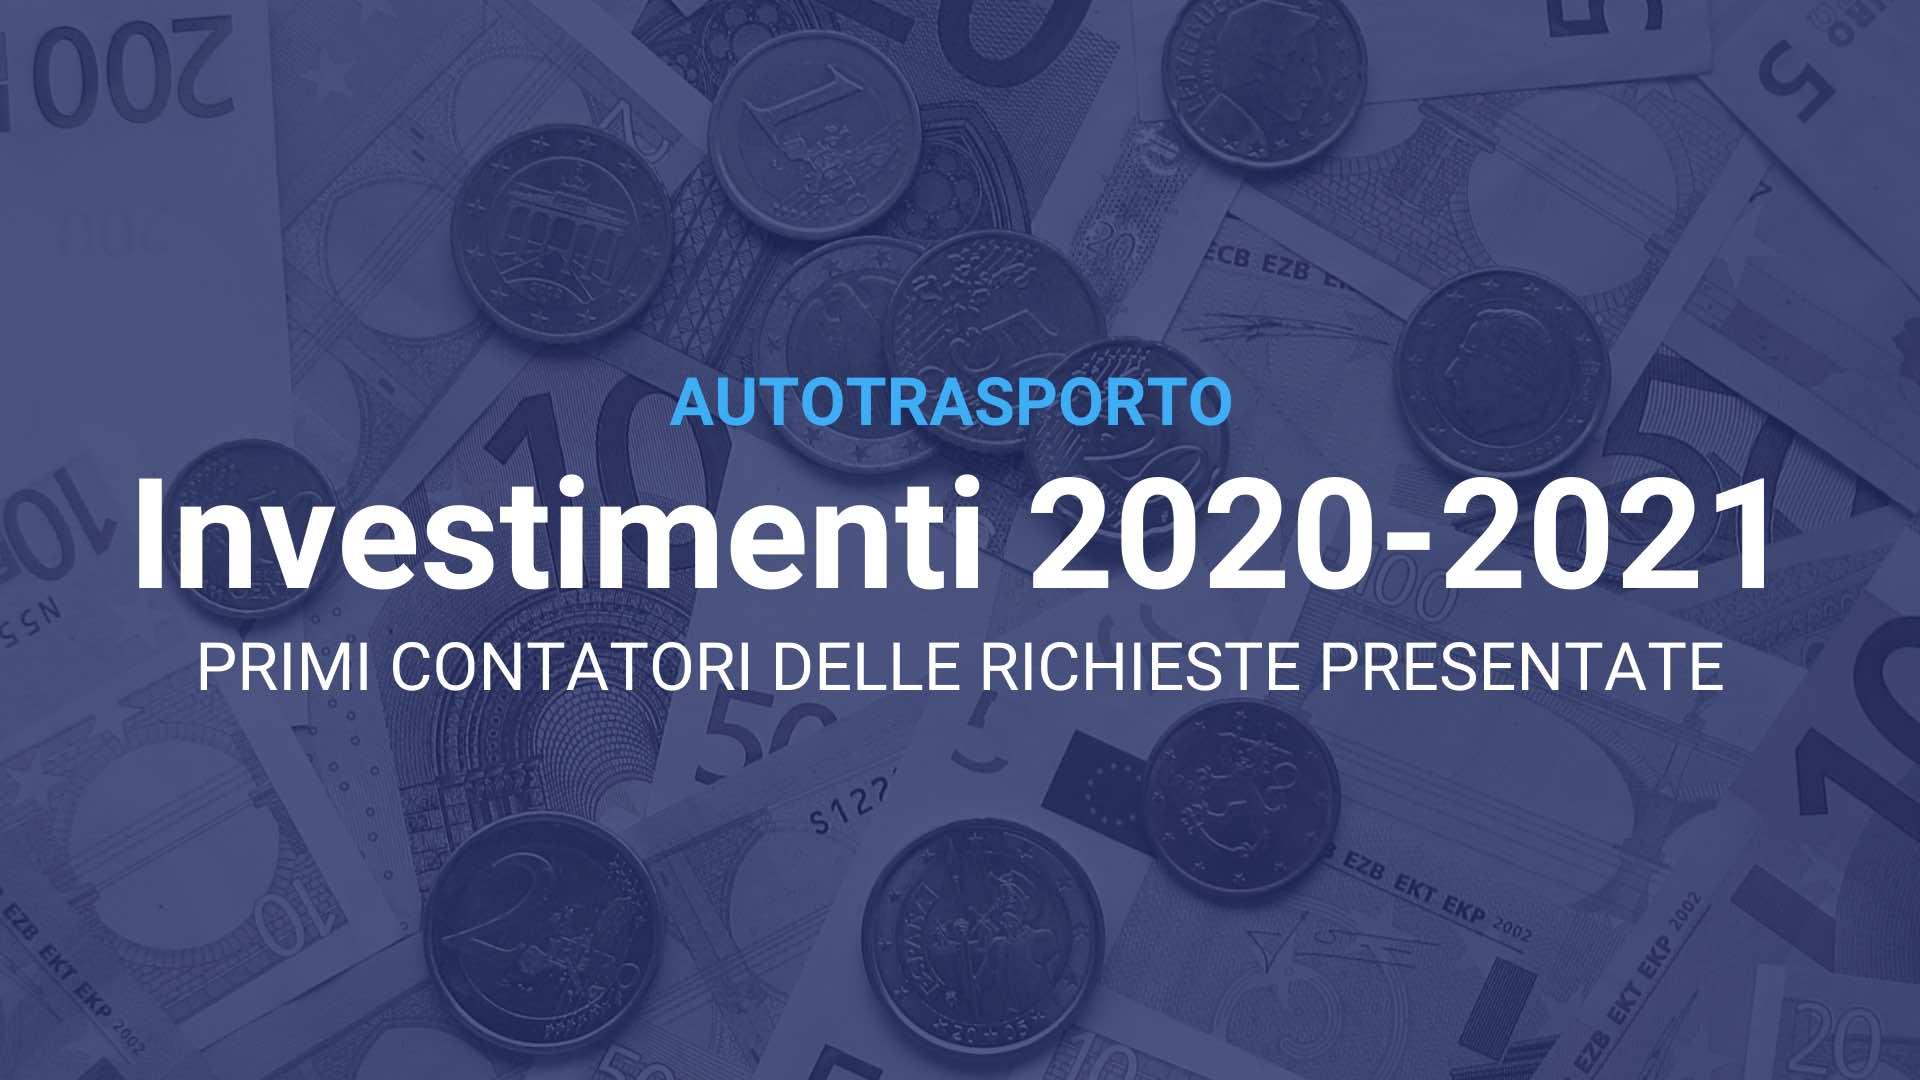 Autotrasporto Investimenti 2020 2021 v2